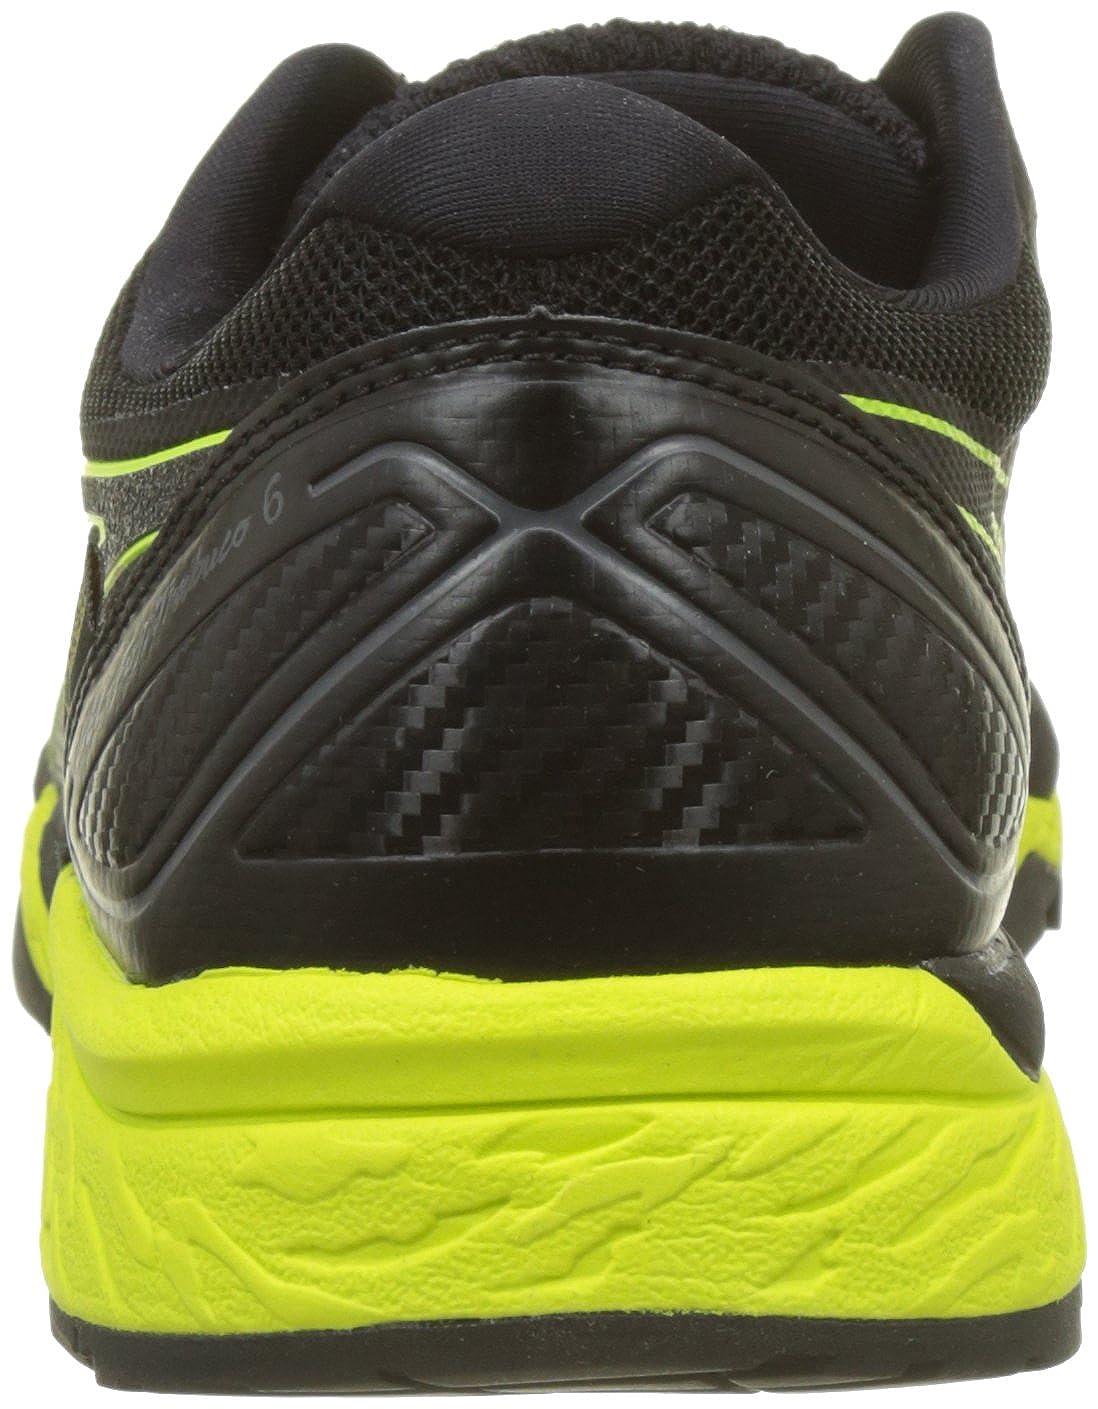 Amazon.com | Asics Gel Fuji Trabuco 6 GTX Gore-Tex Running Sport Shoes black/yellow T7F0N-9089, EU Shoe Size:42 EU | Shoes